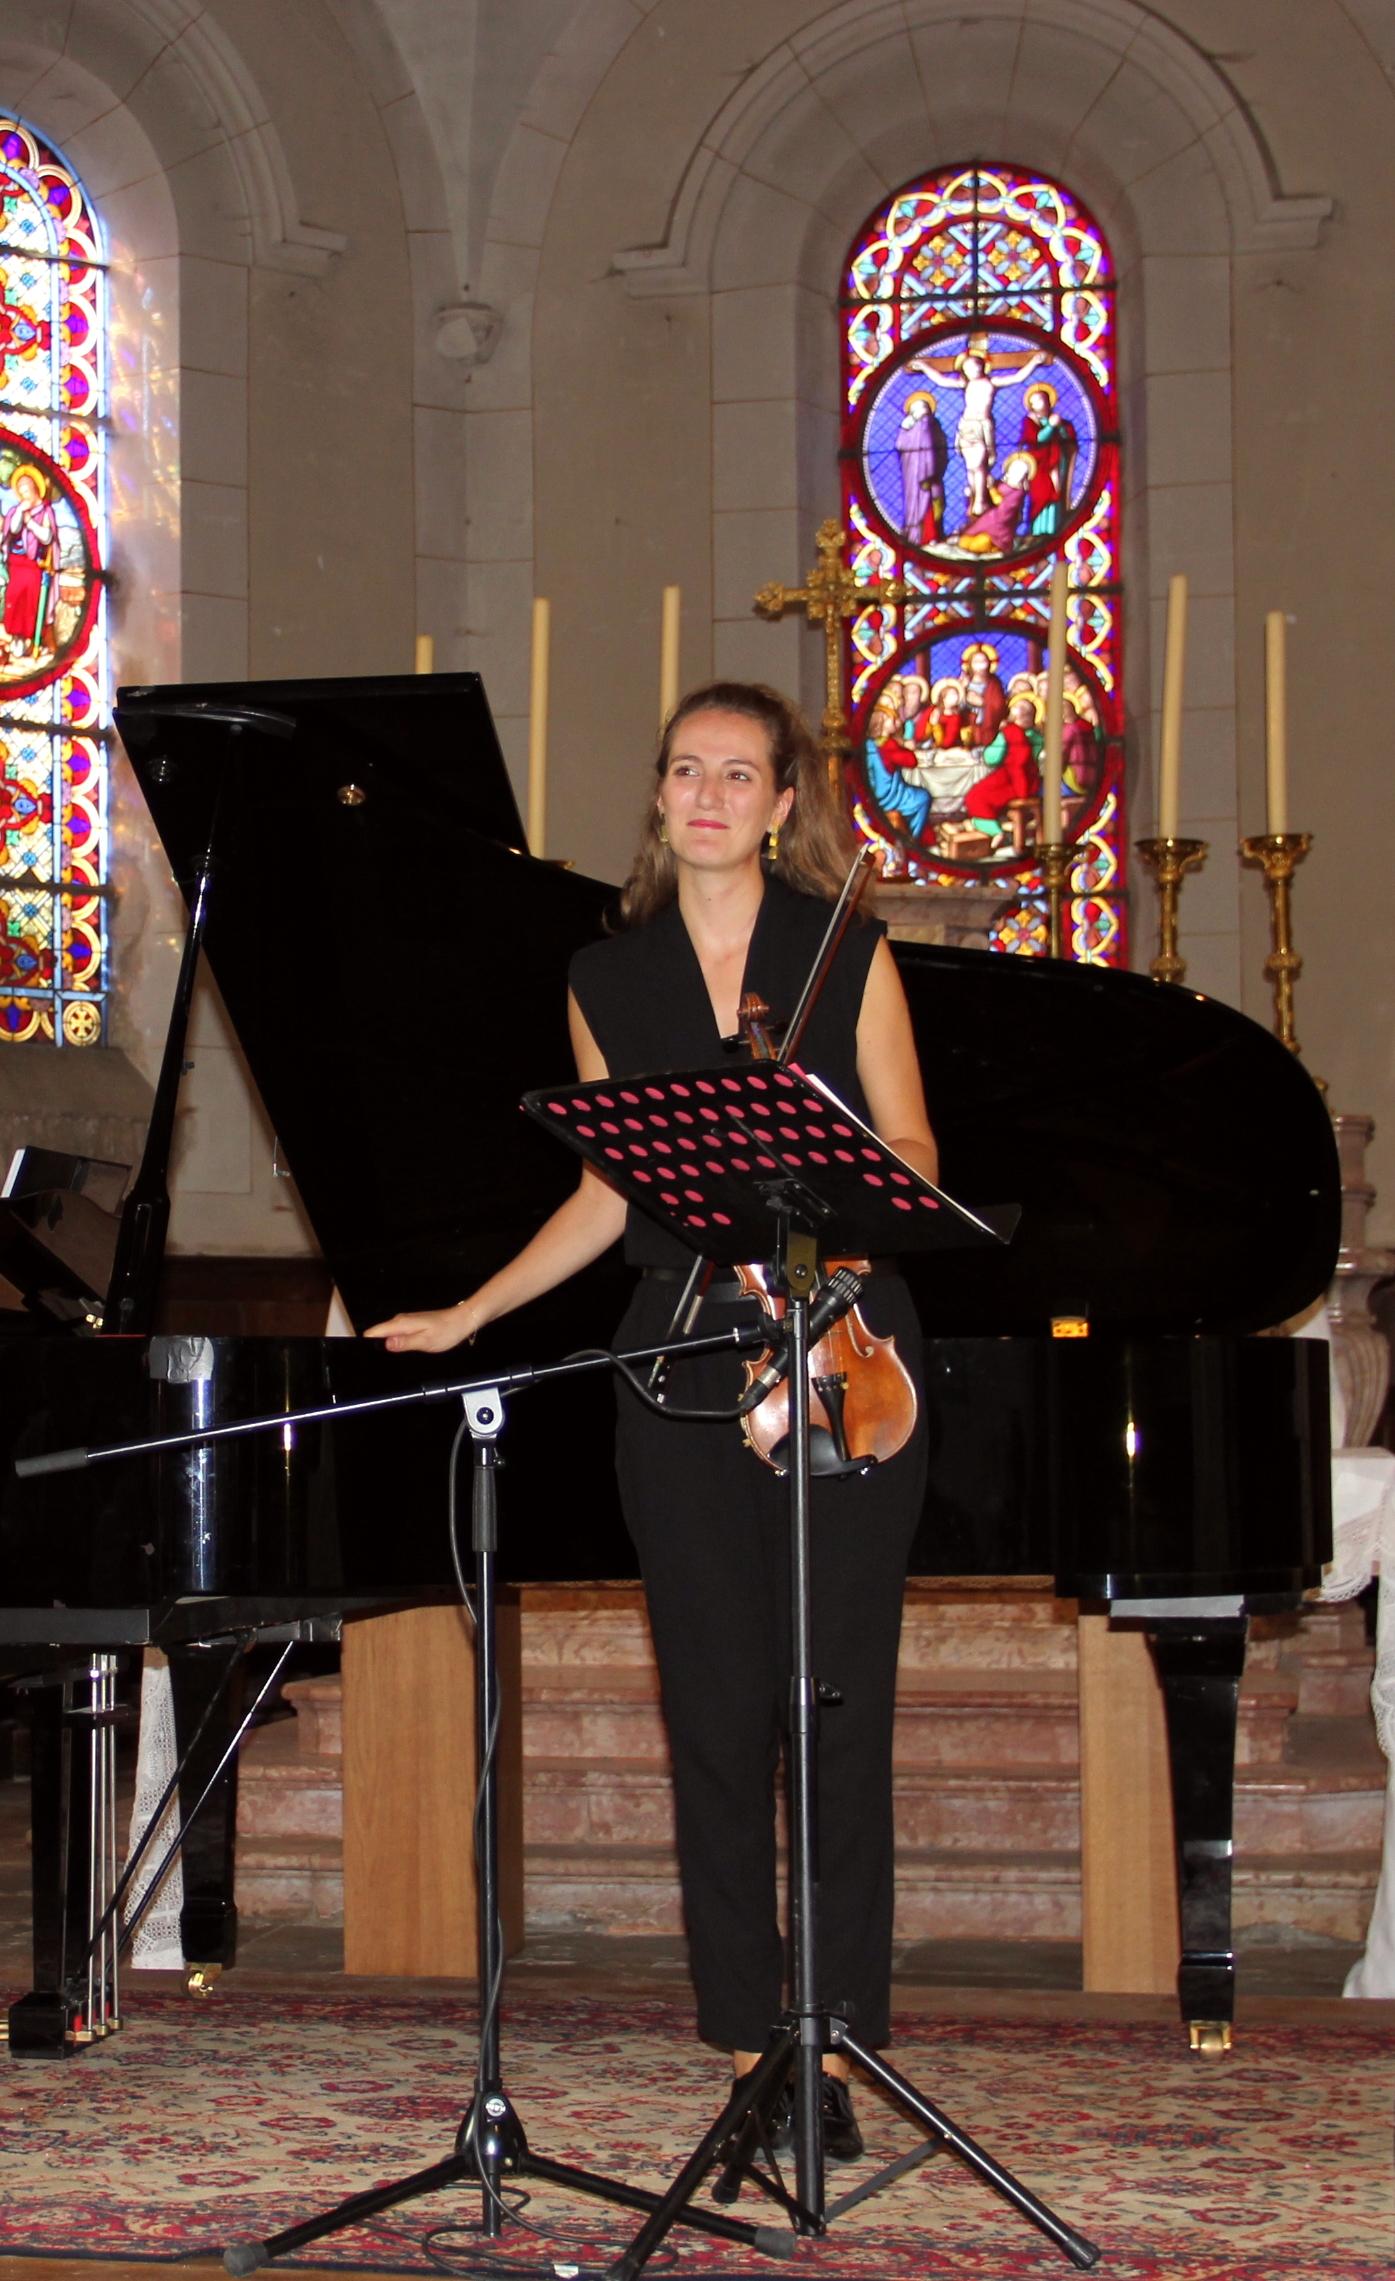 Les soeurs Graziano, Agnès, piano et Marie, violon, en concert